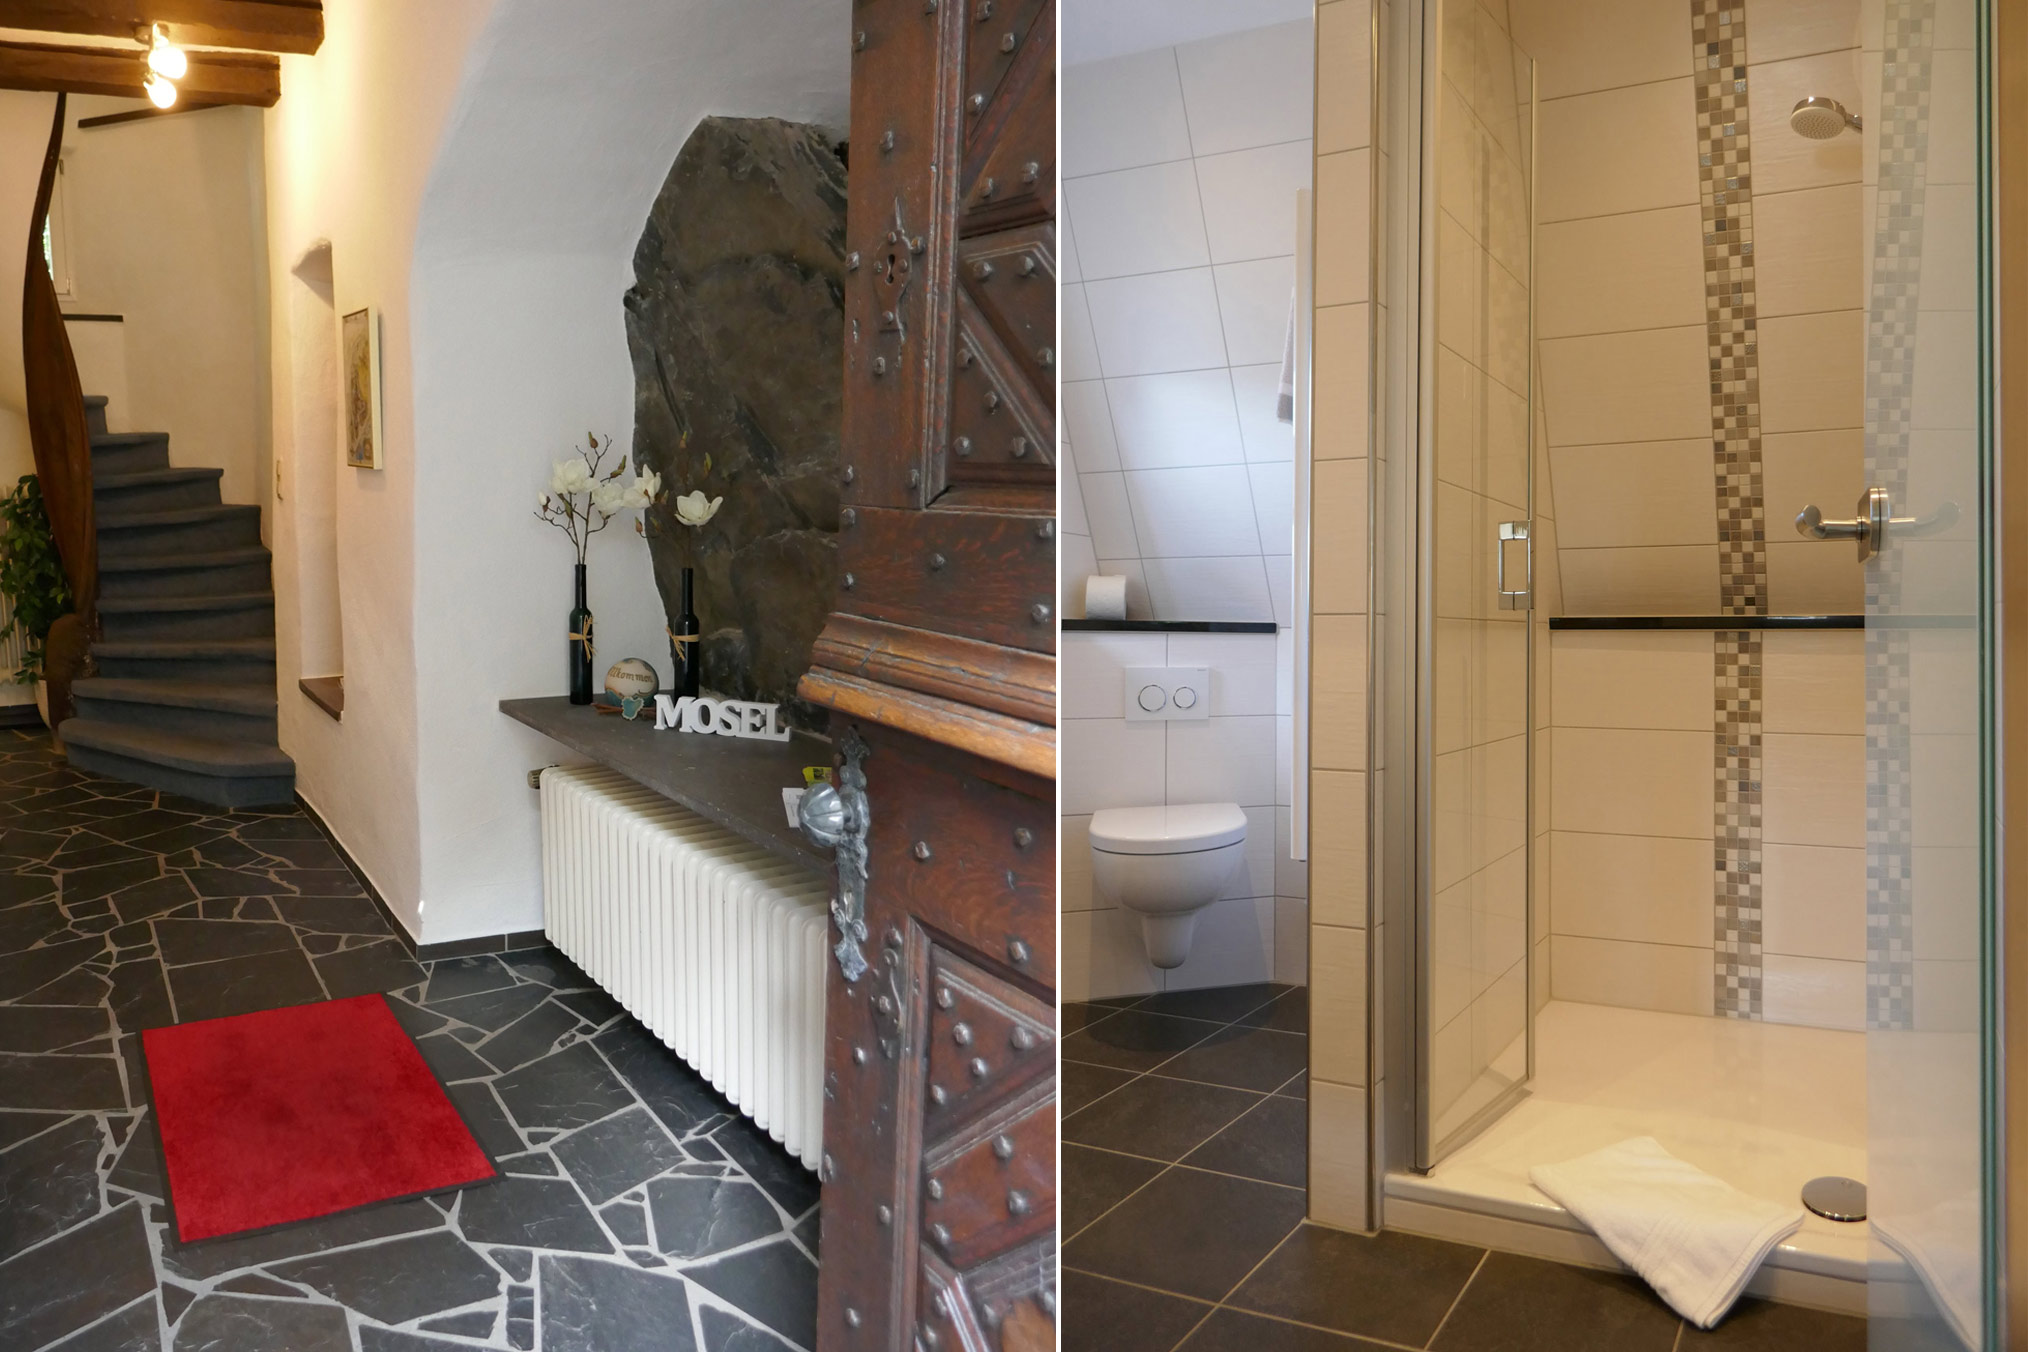 Eingang und Duschbad